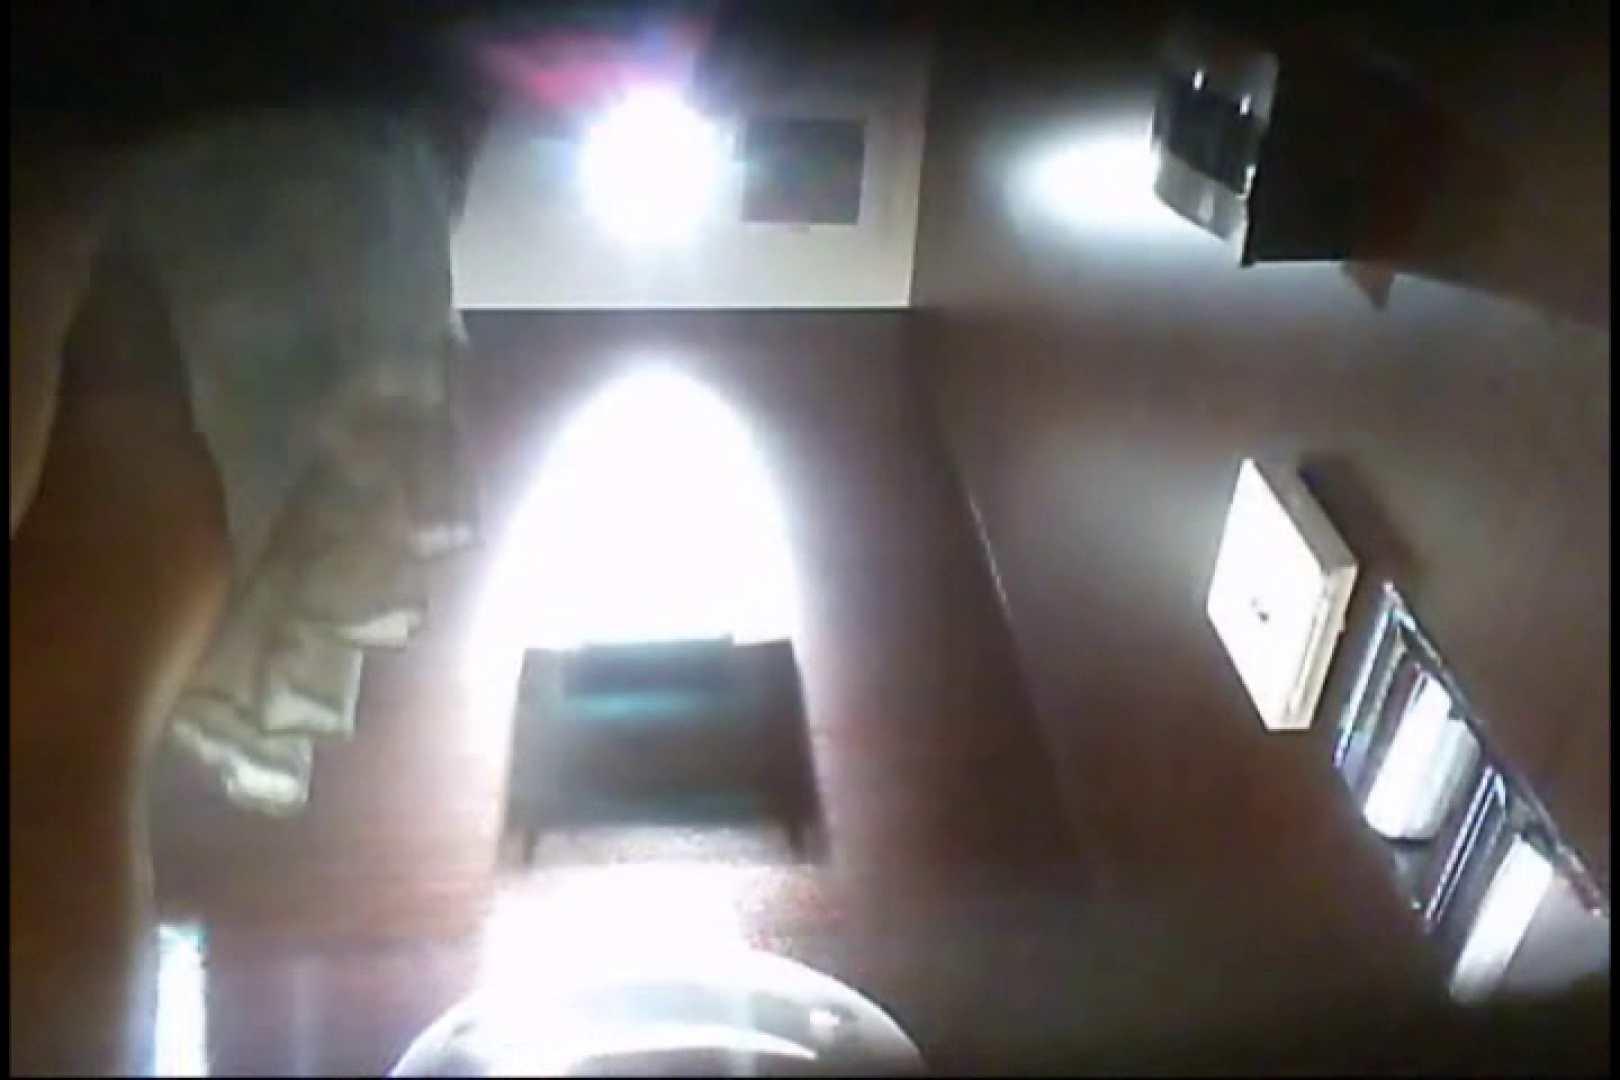 亀さんかわや VIPバージョン! vol.07 オマンコもろ 盗撮画像 112PIX 7